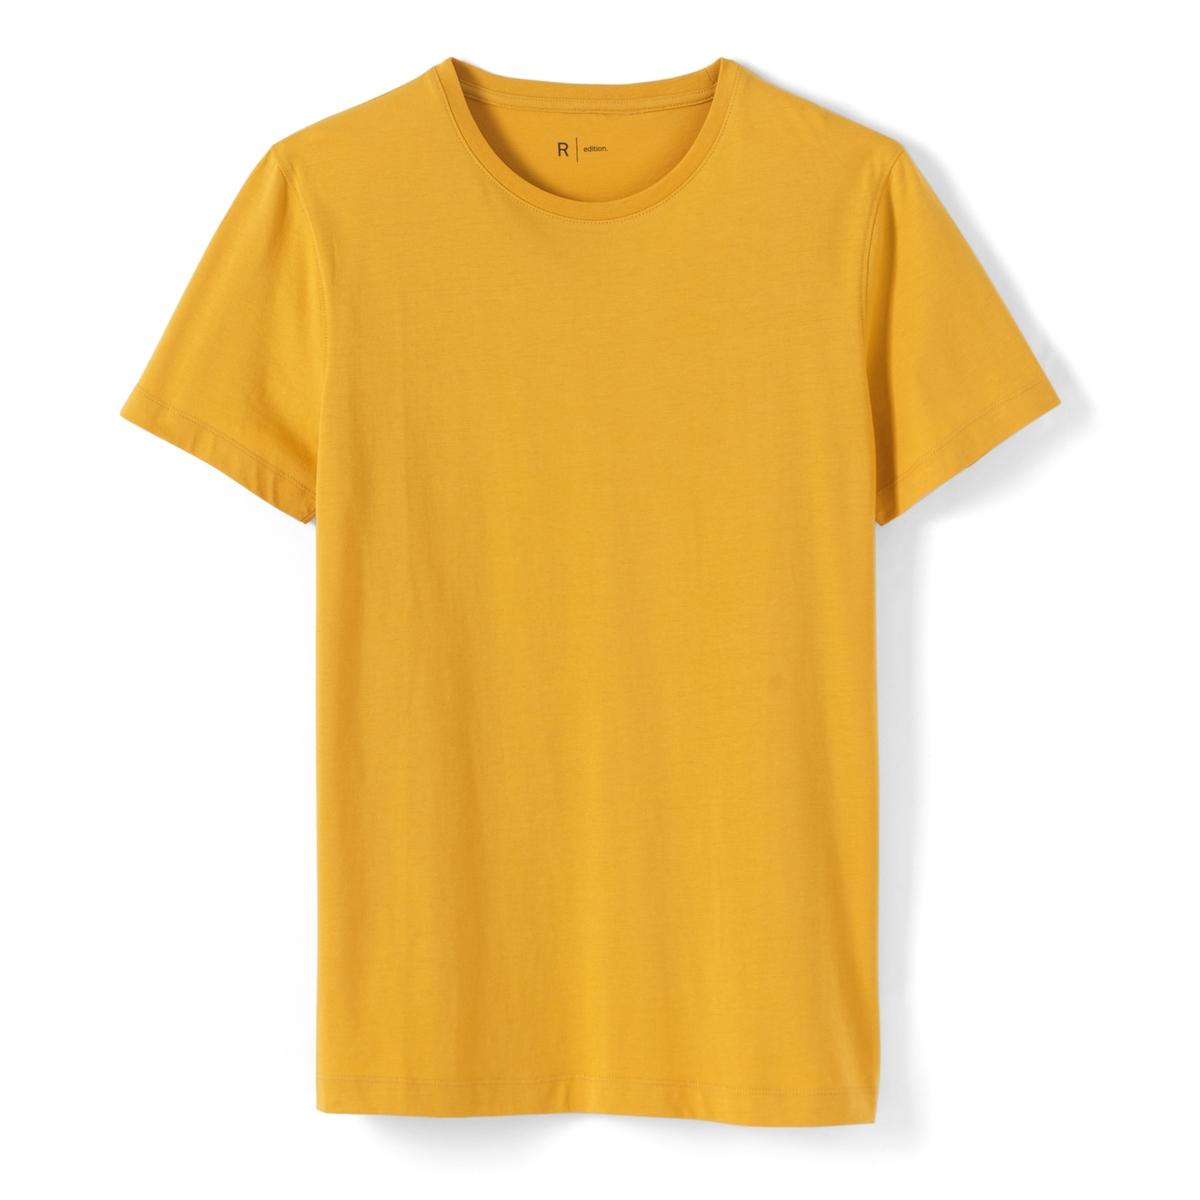 Футболка хлопковая  с круглым вырезомОписание:Детали •  Короткие рукава •  Круглый вырезСостав и уход •  100% хлопок •  Машинная стирка при 40° •  Сухая чистка и отбеливание запрещены •  Барабанная сушка при умеренном режиме •  Гладить при средней температуре<br><br>Цвет: желтый<br>Размер: XL